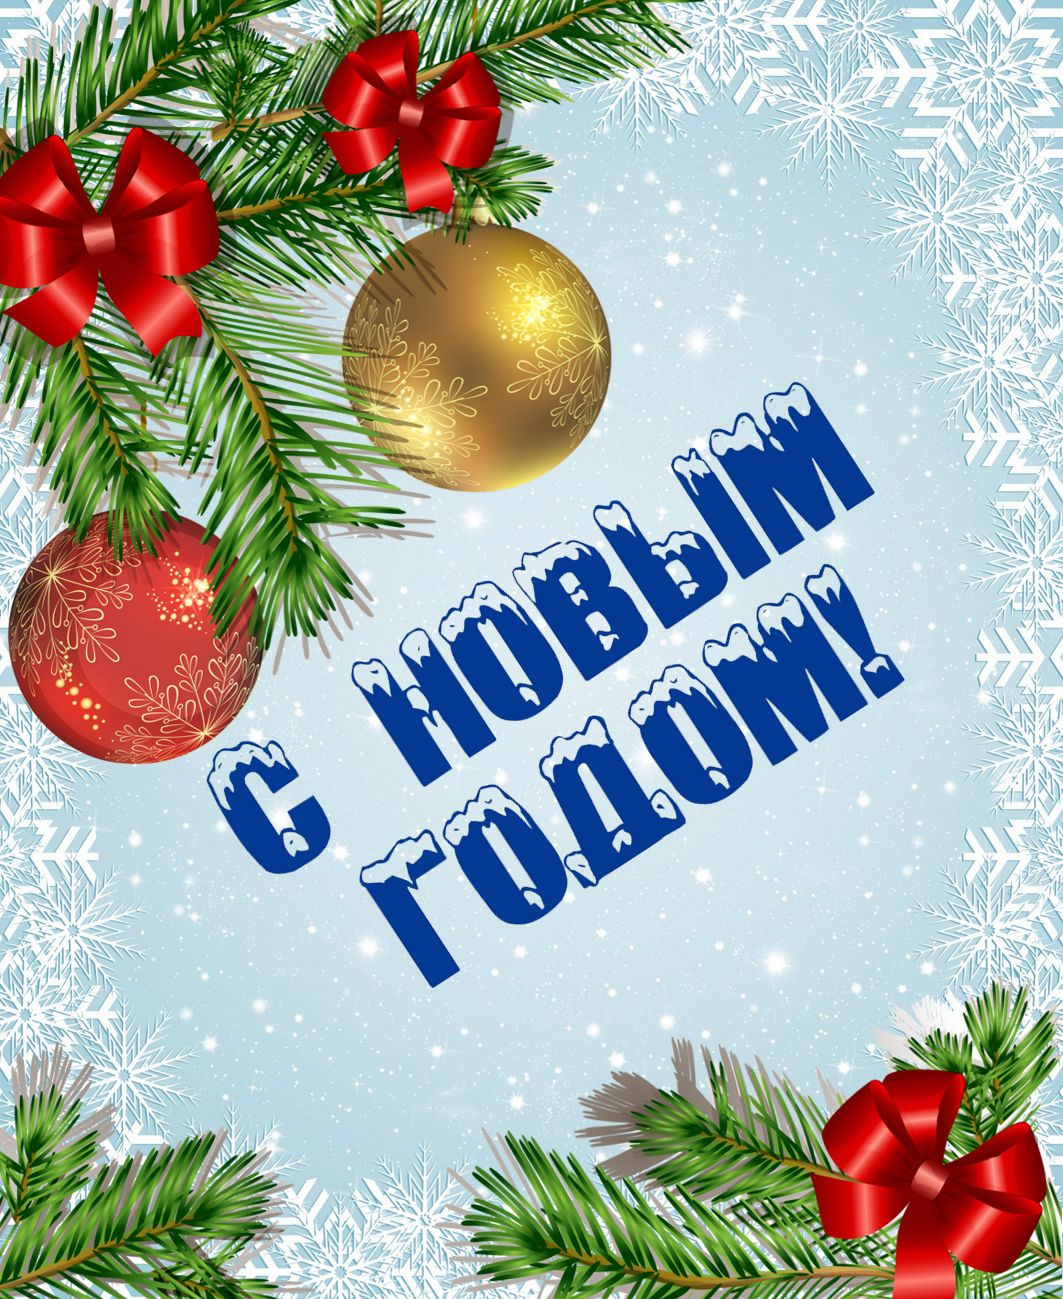 Новогодняя открытка - шары на ветке в рамке из снежинок